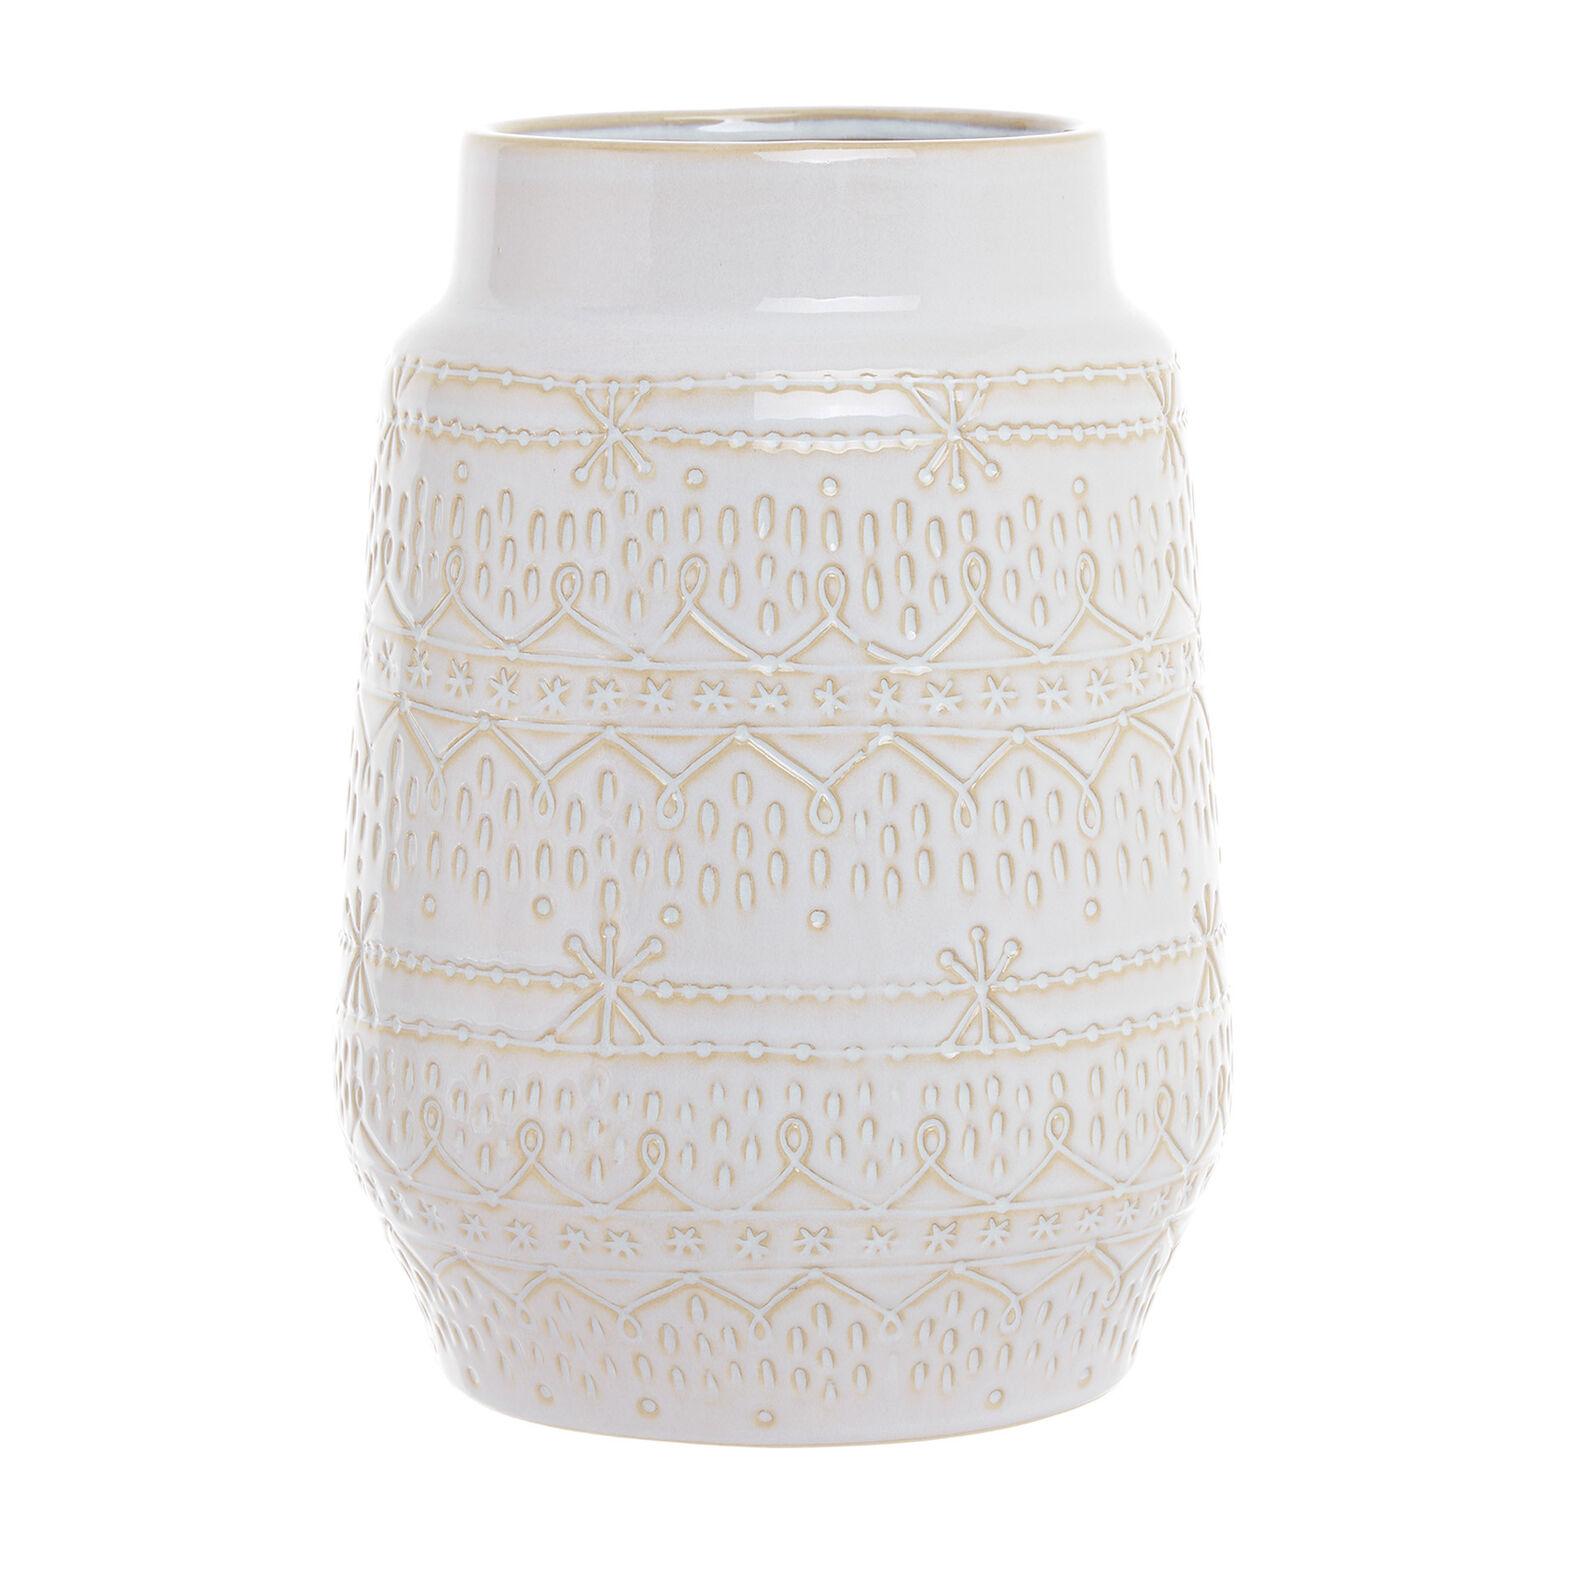 Ceramic vase with raised decorations